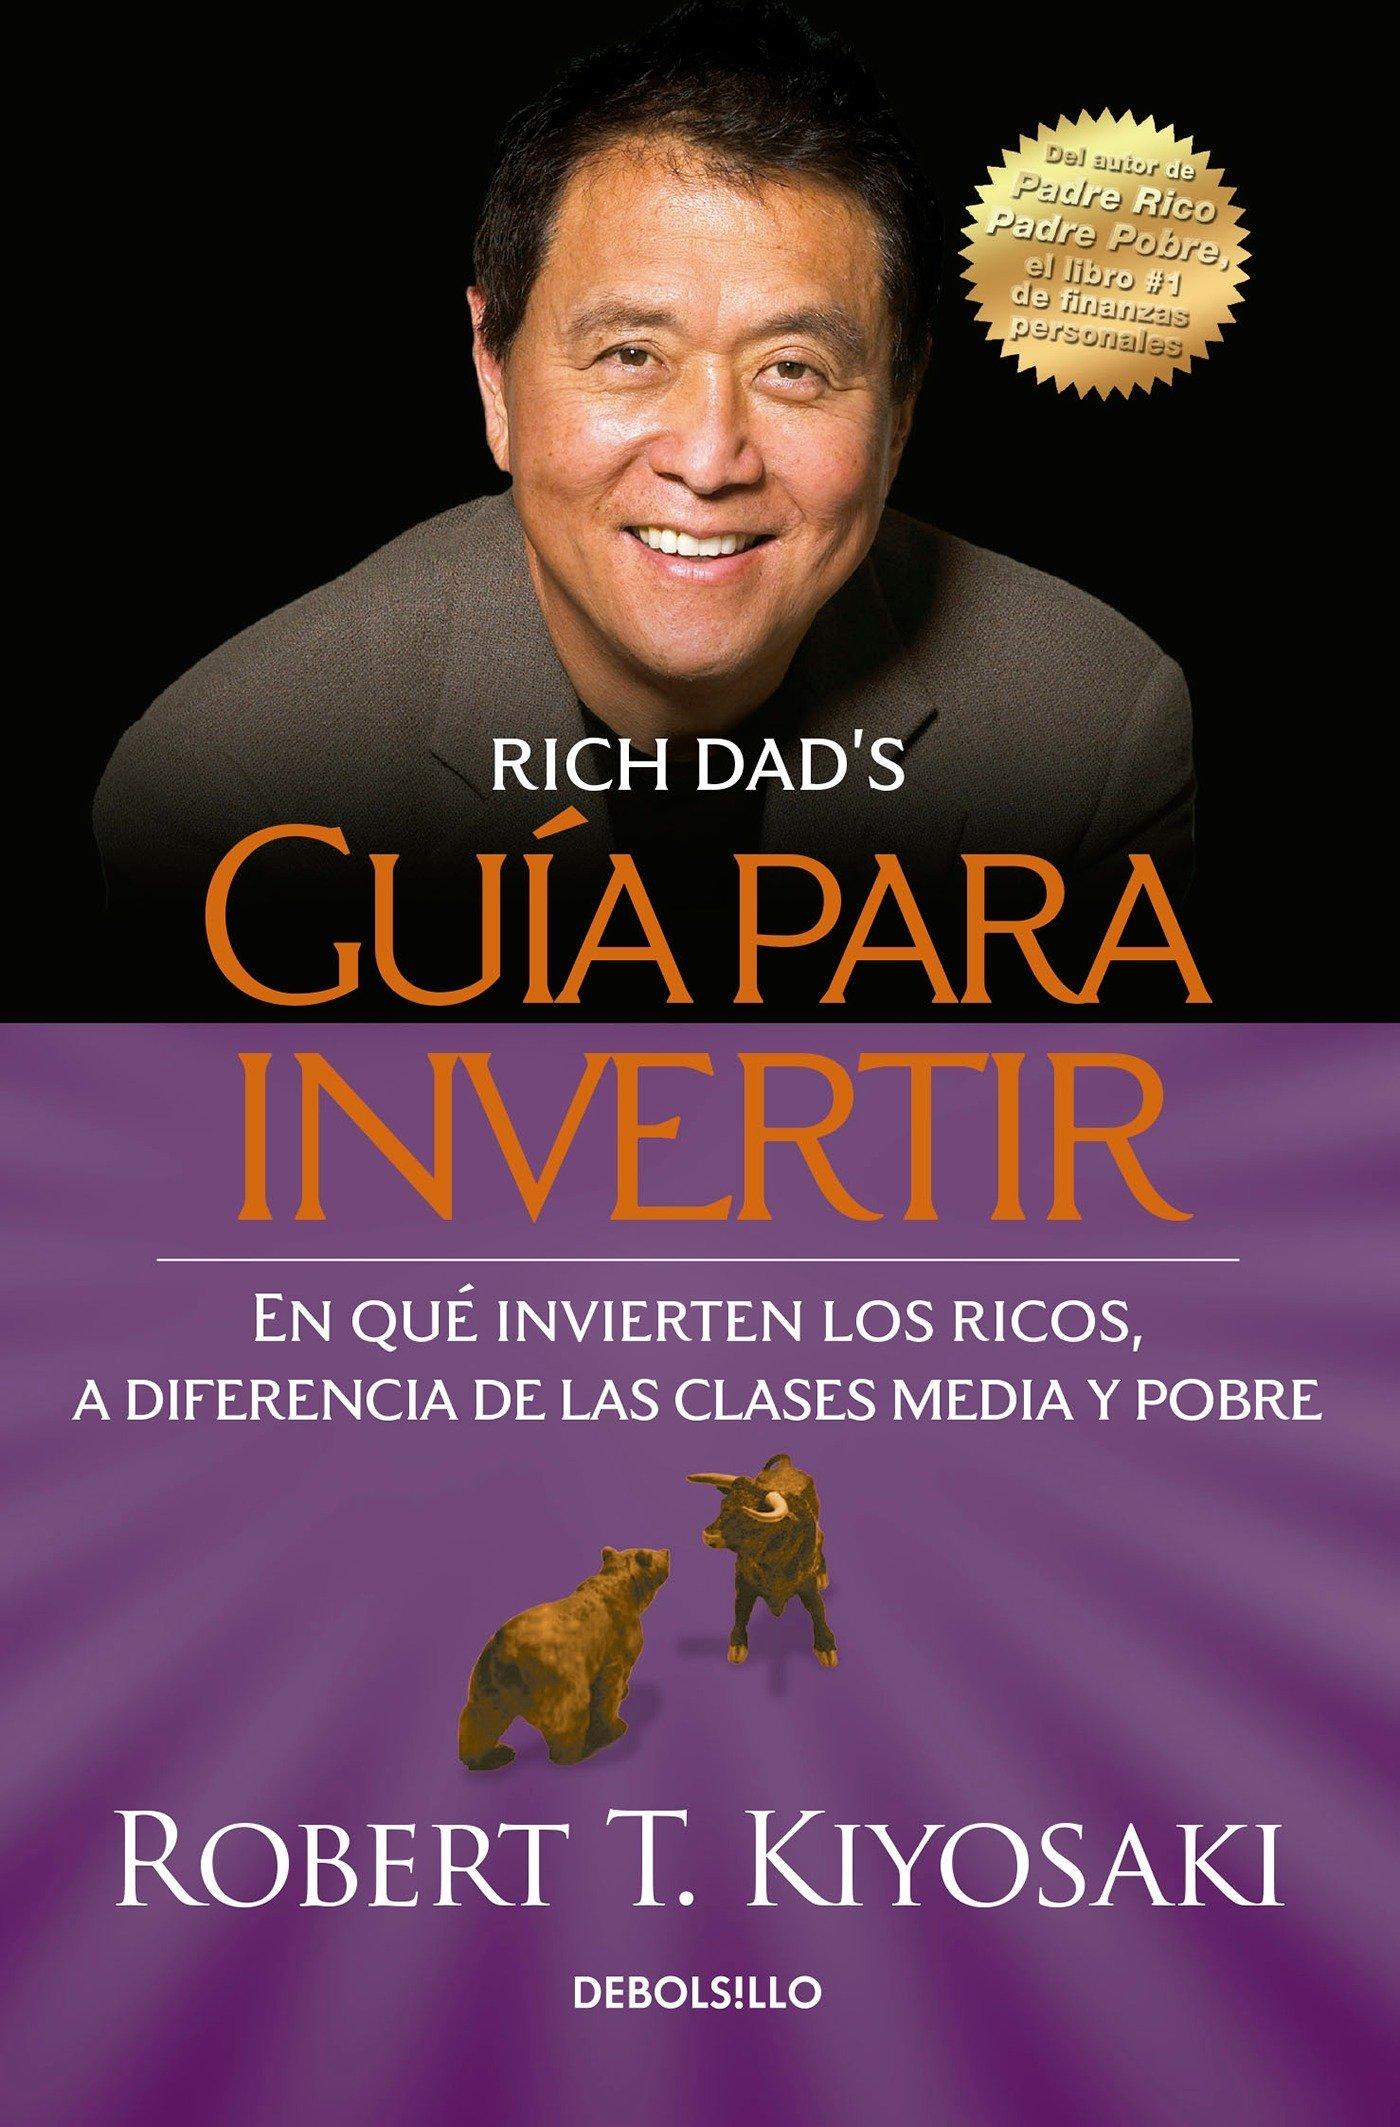 Guia Para Invertir: En Que Invierten los Ricos, A Diferencia de las Clases Media y Pobre = Rich Dad's Guide to Investing Tapa blanda – 26 jul 2016 Robert T. Kiyosaki DEBOLSILLO 6073133332 Finance